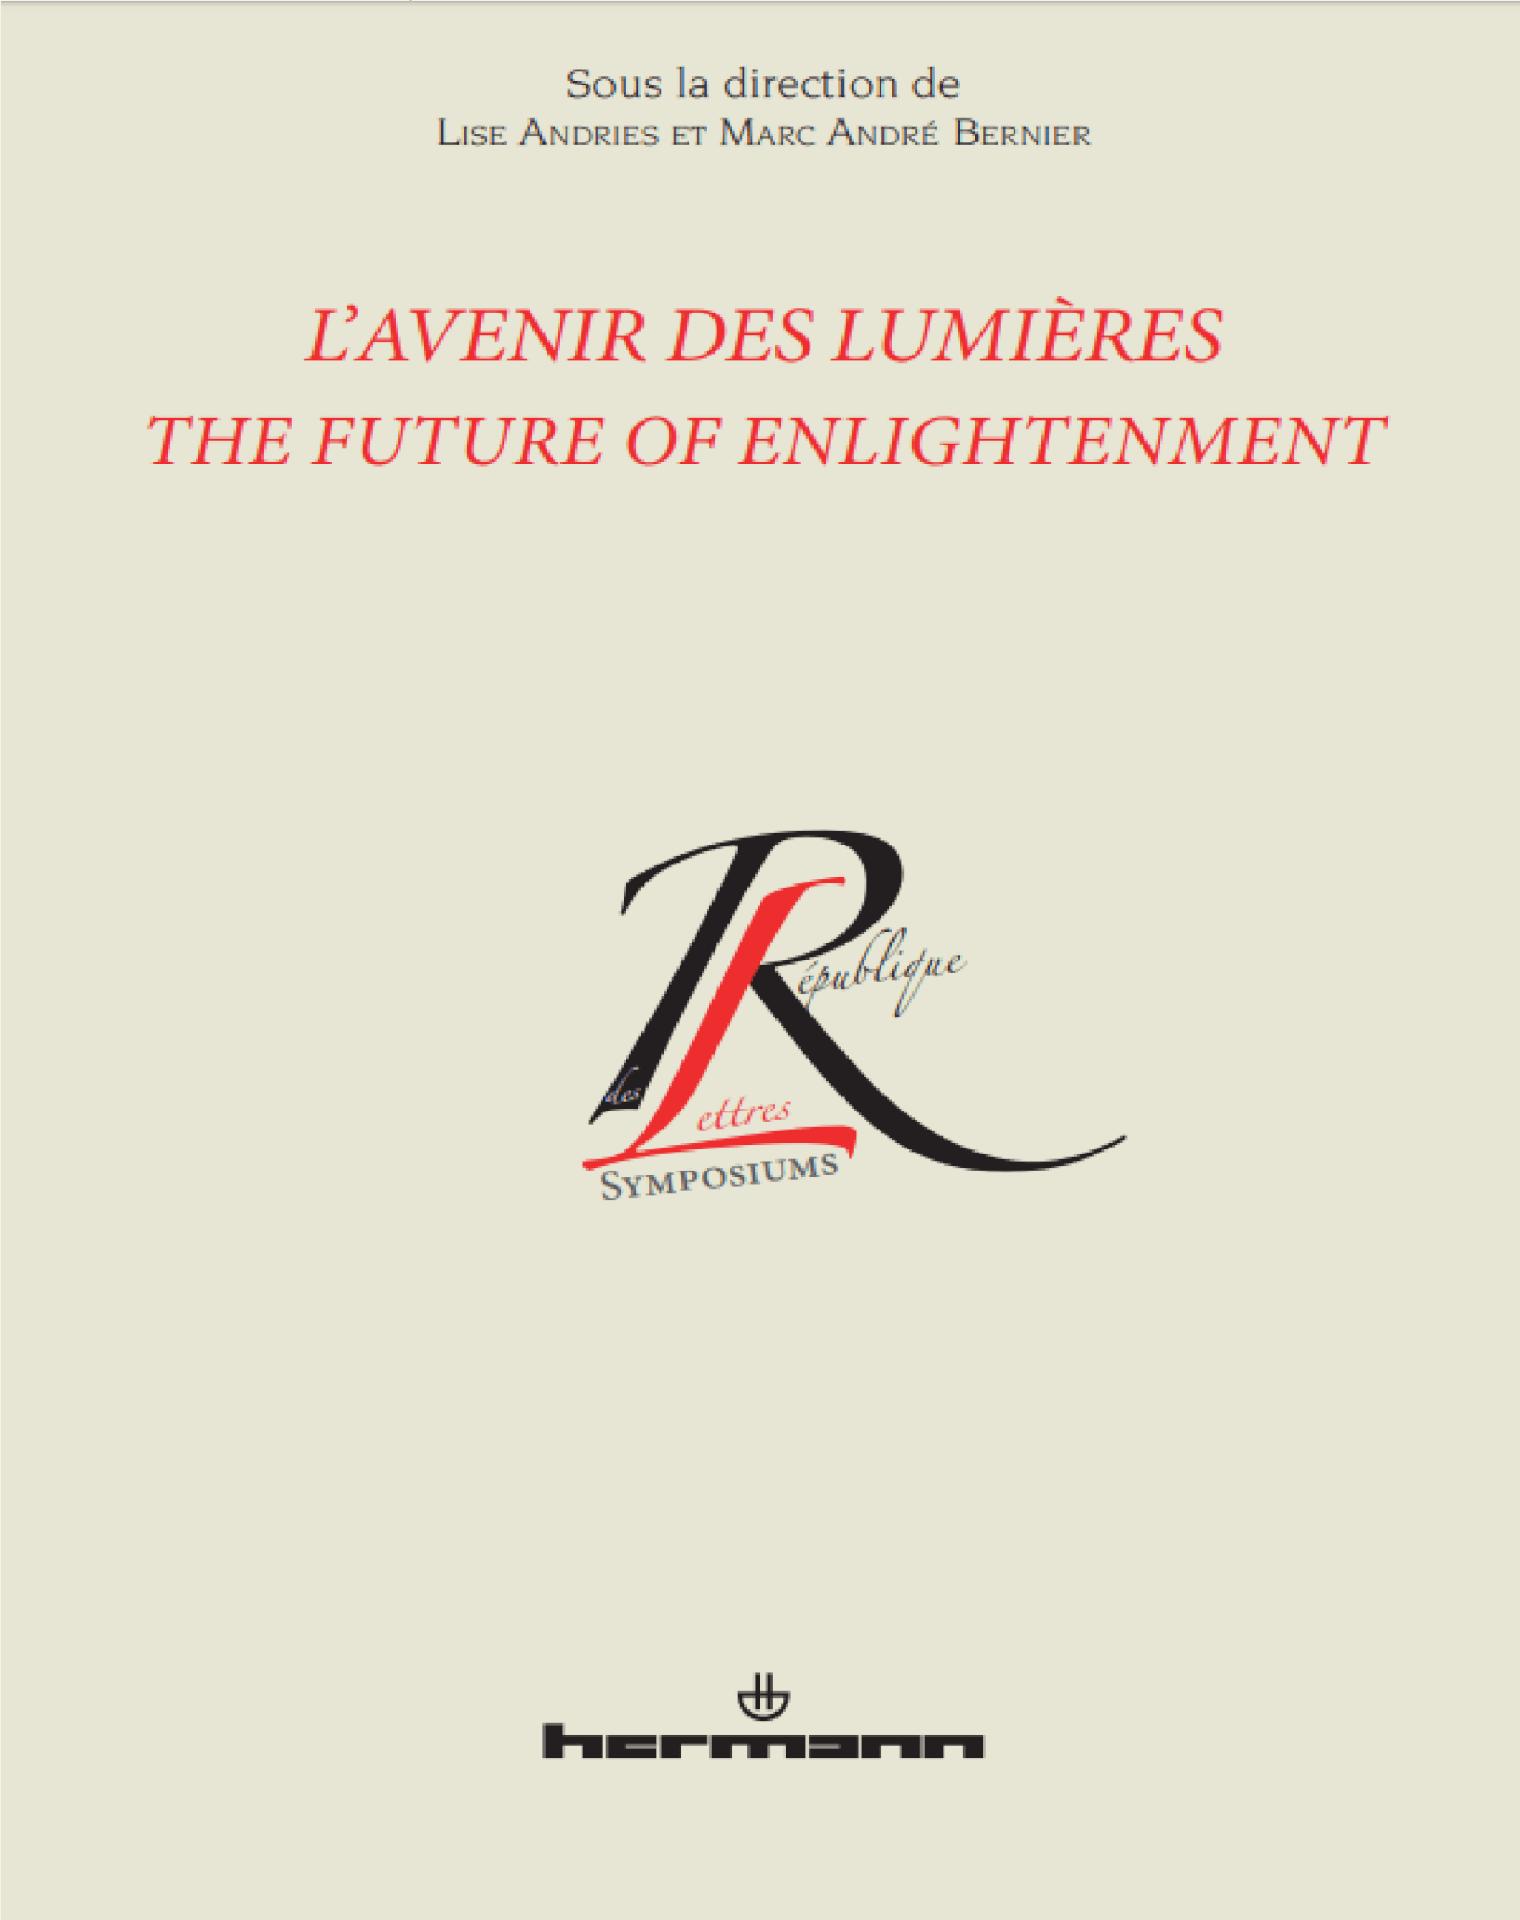 L'avenir des lumières